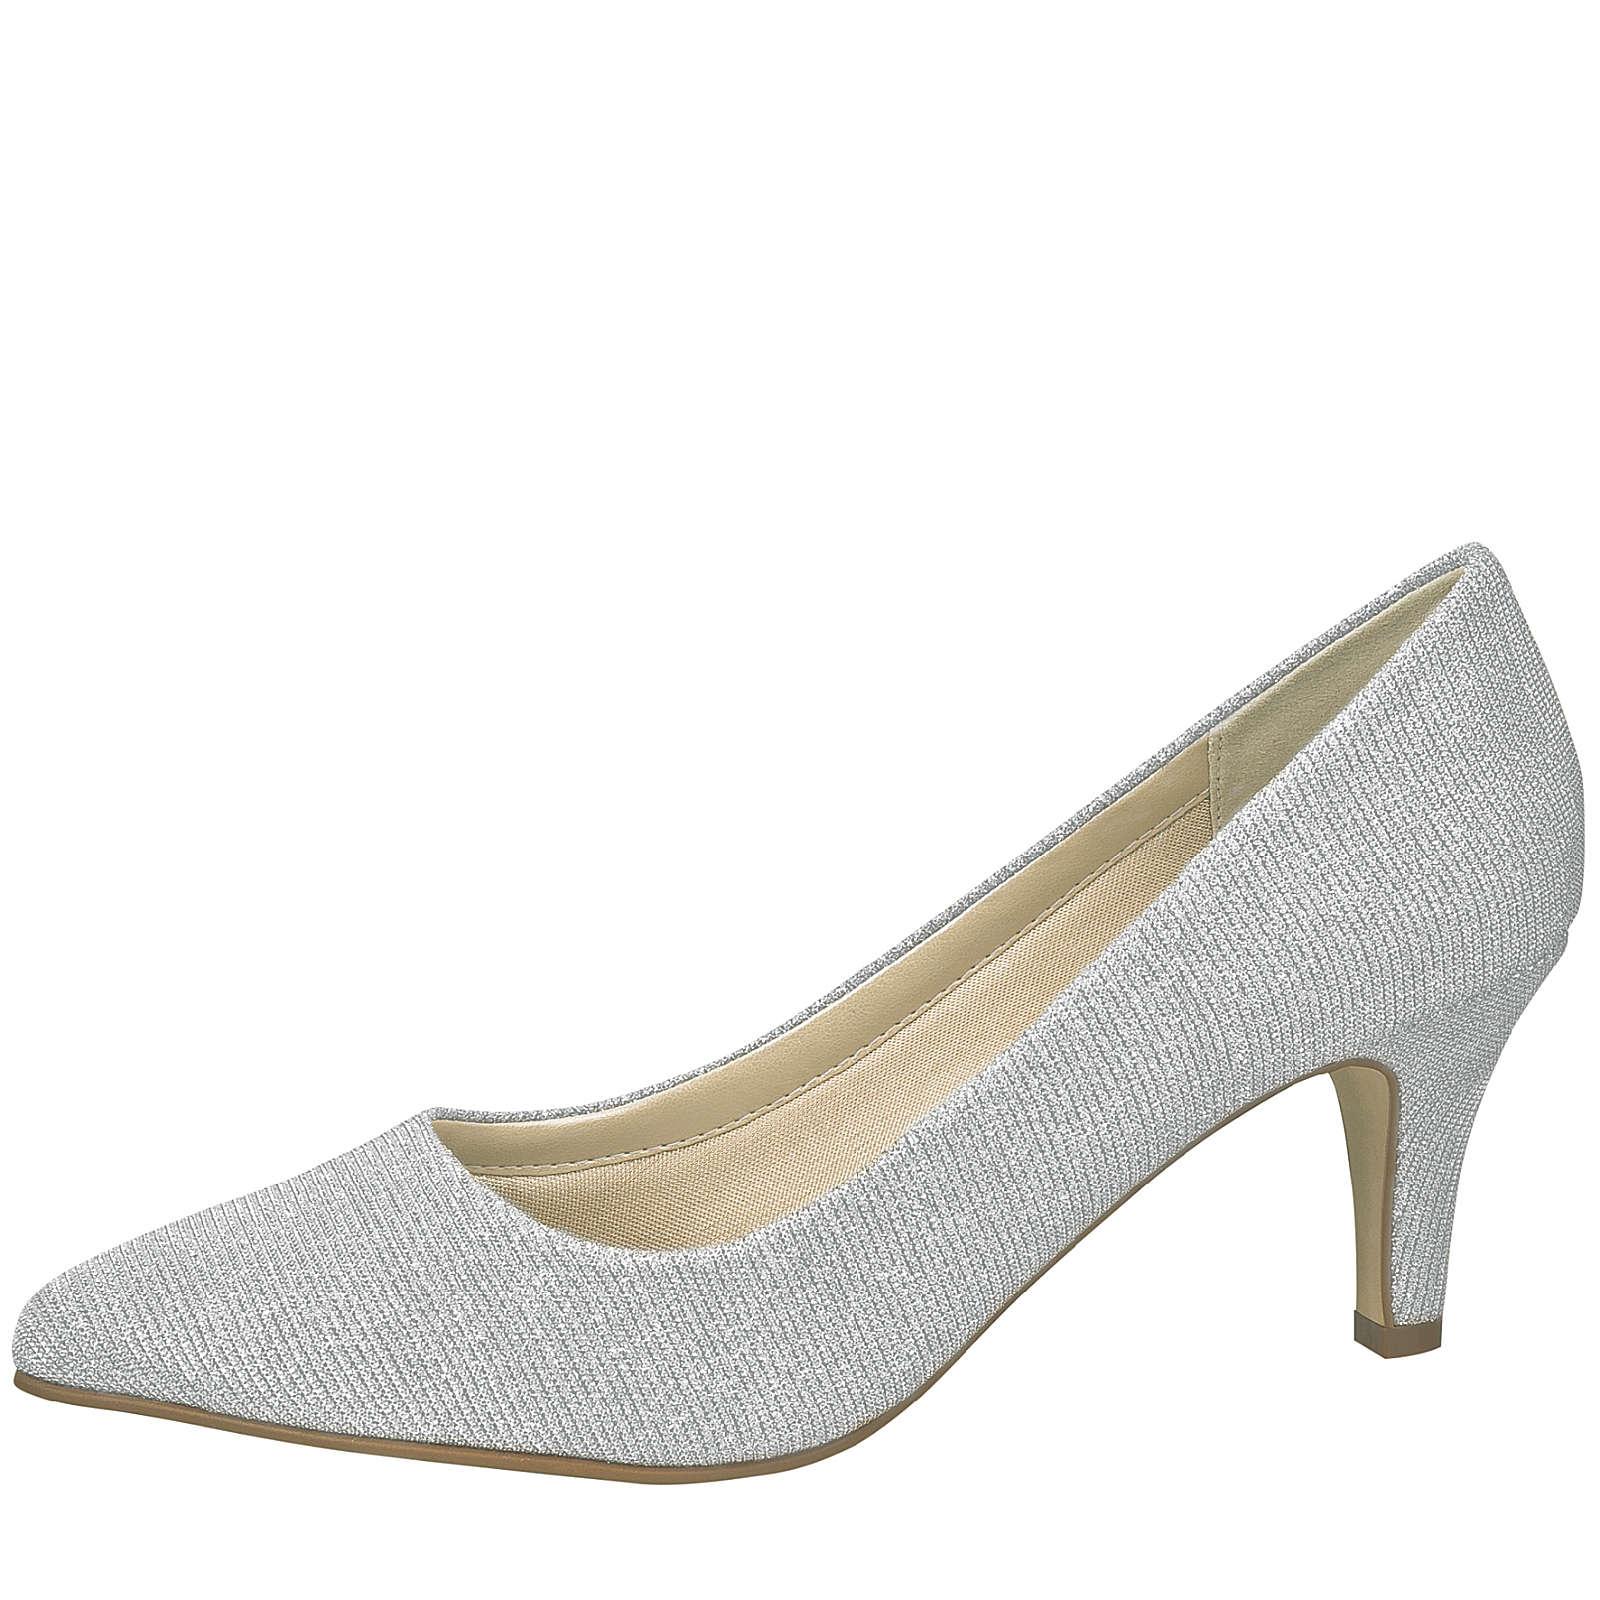 Elsa Coloured Shoes Rainbow Club Brautschuhe Brooke silber Klassische Pumps silber Damen Gr. 41